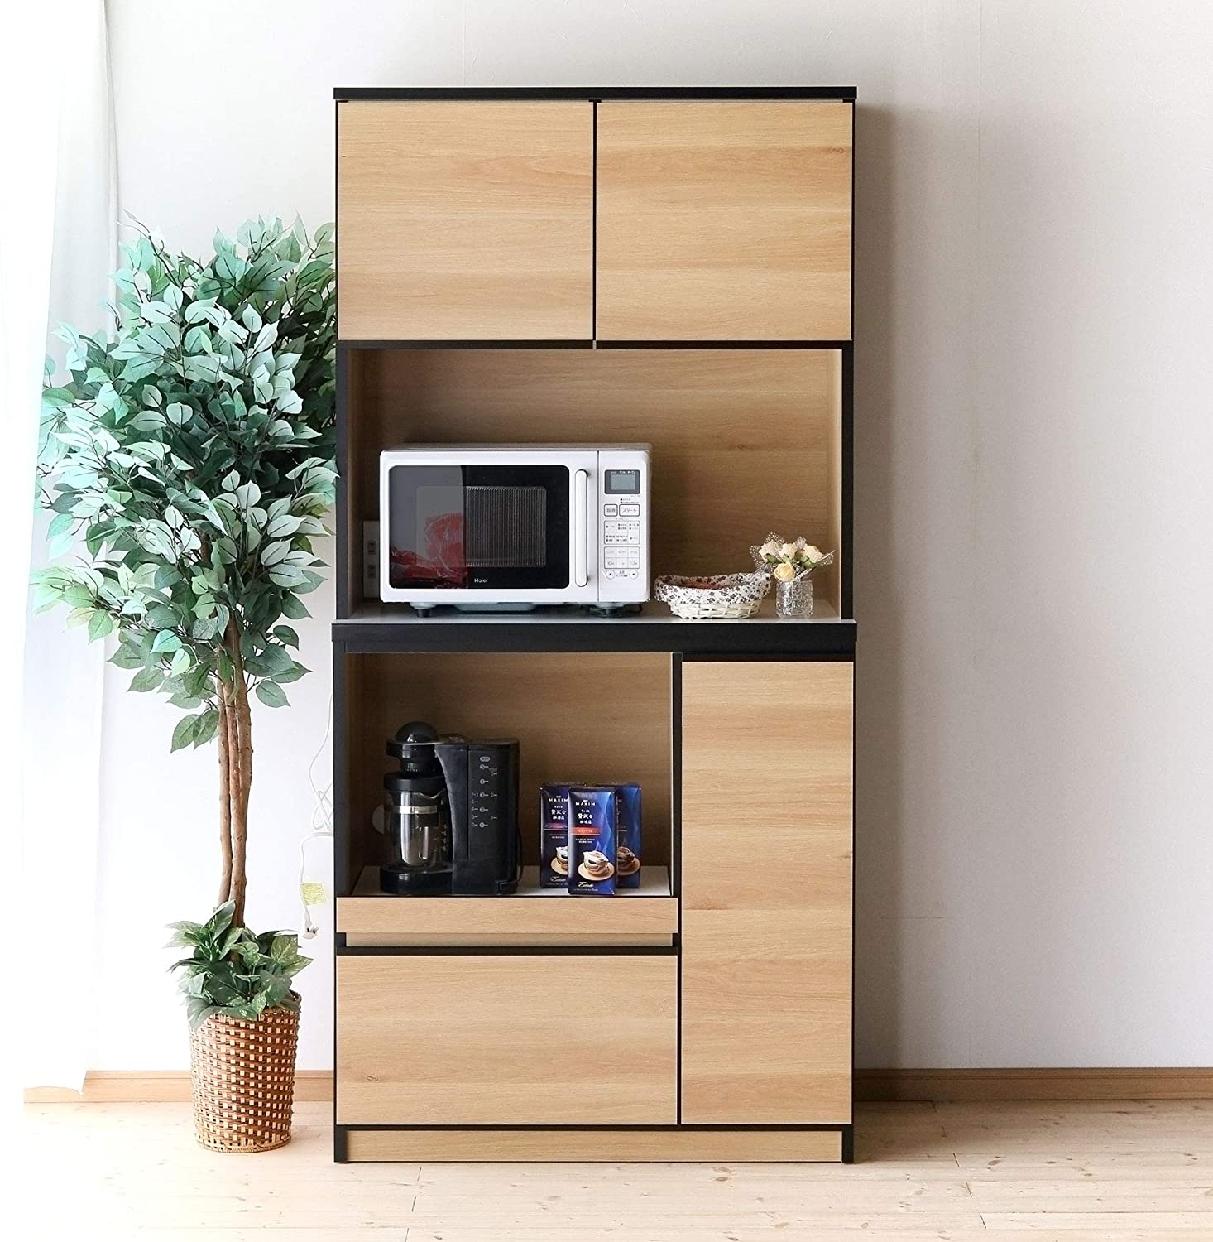 ナポリレンジ台 食器棚コンセント付 完成品 幅88.8cmの商品画像2